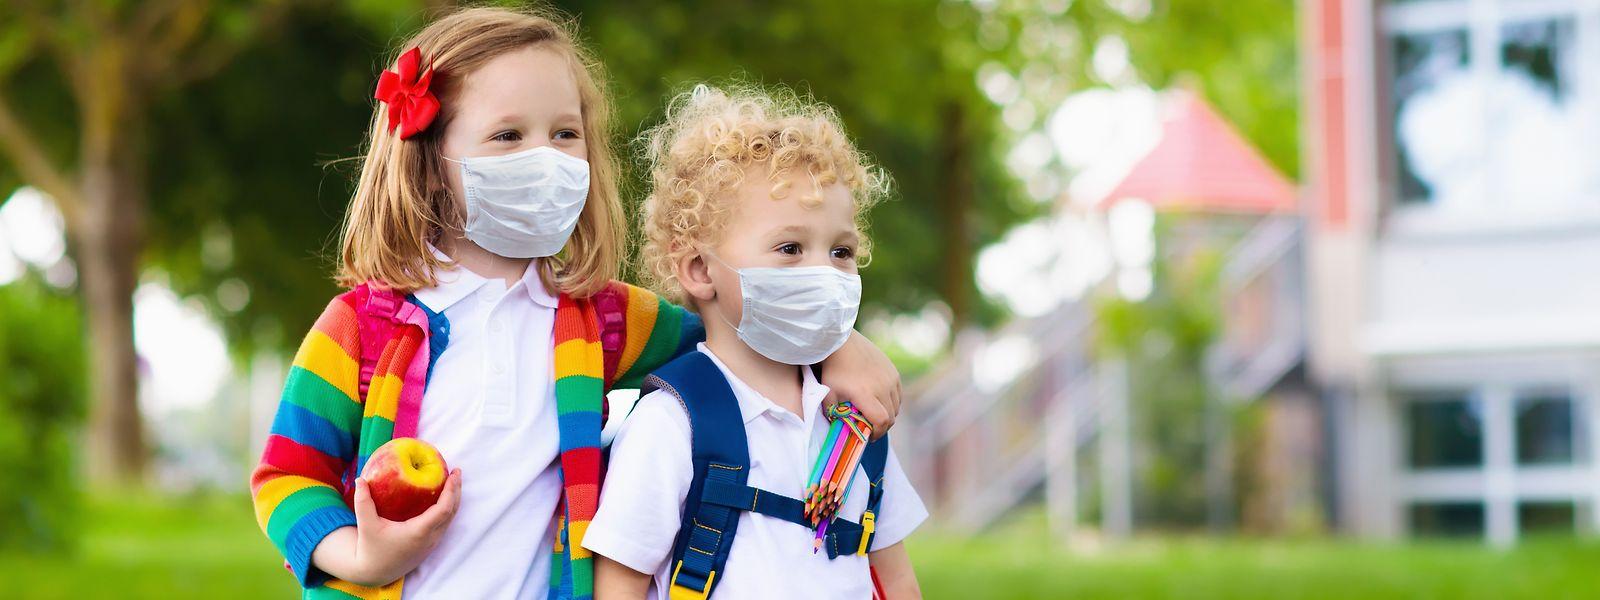 In ihrem offenen Brief verlangen 120 Lehrer und Eltern, dass die Maskenpflicht für Kinder aufgehoben wird. Der Brief stößt in der Bevölkerung auf breites Unverständnis und großen Widerstand.